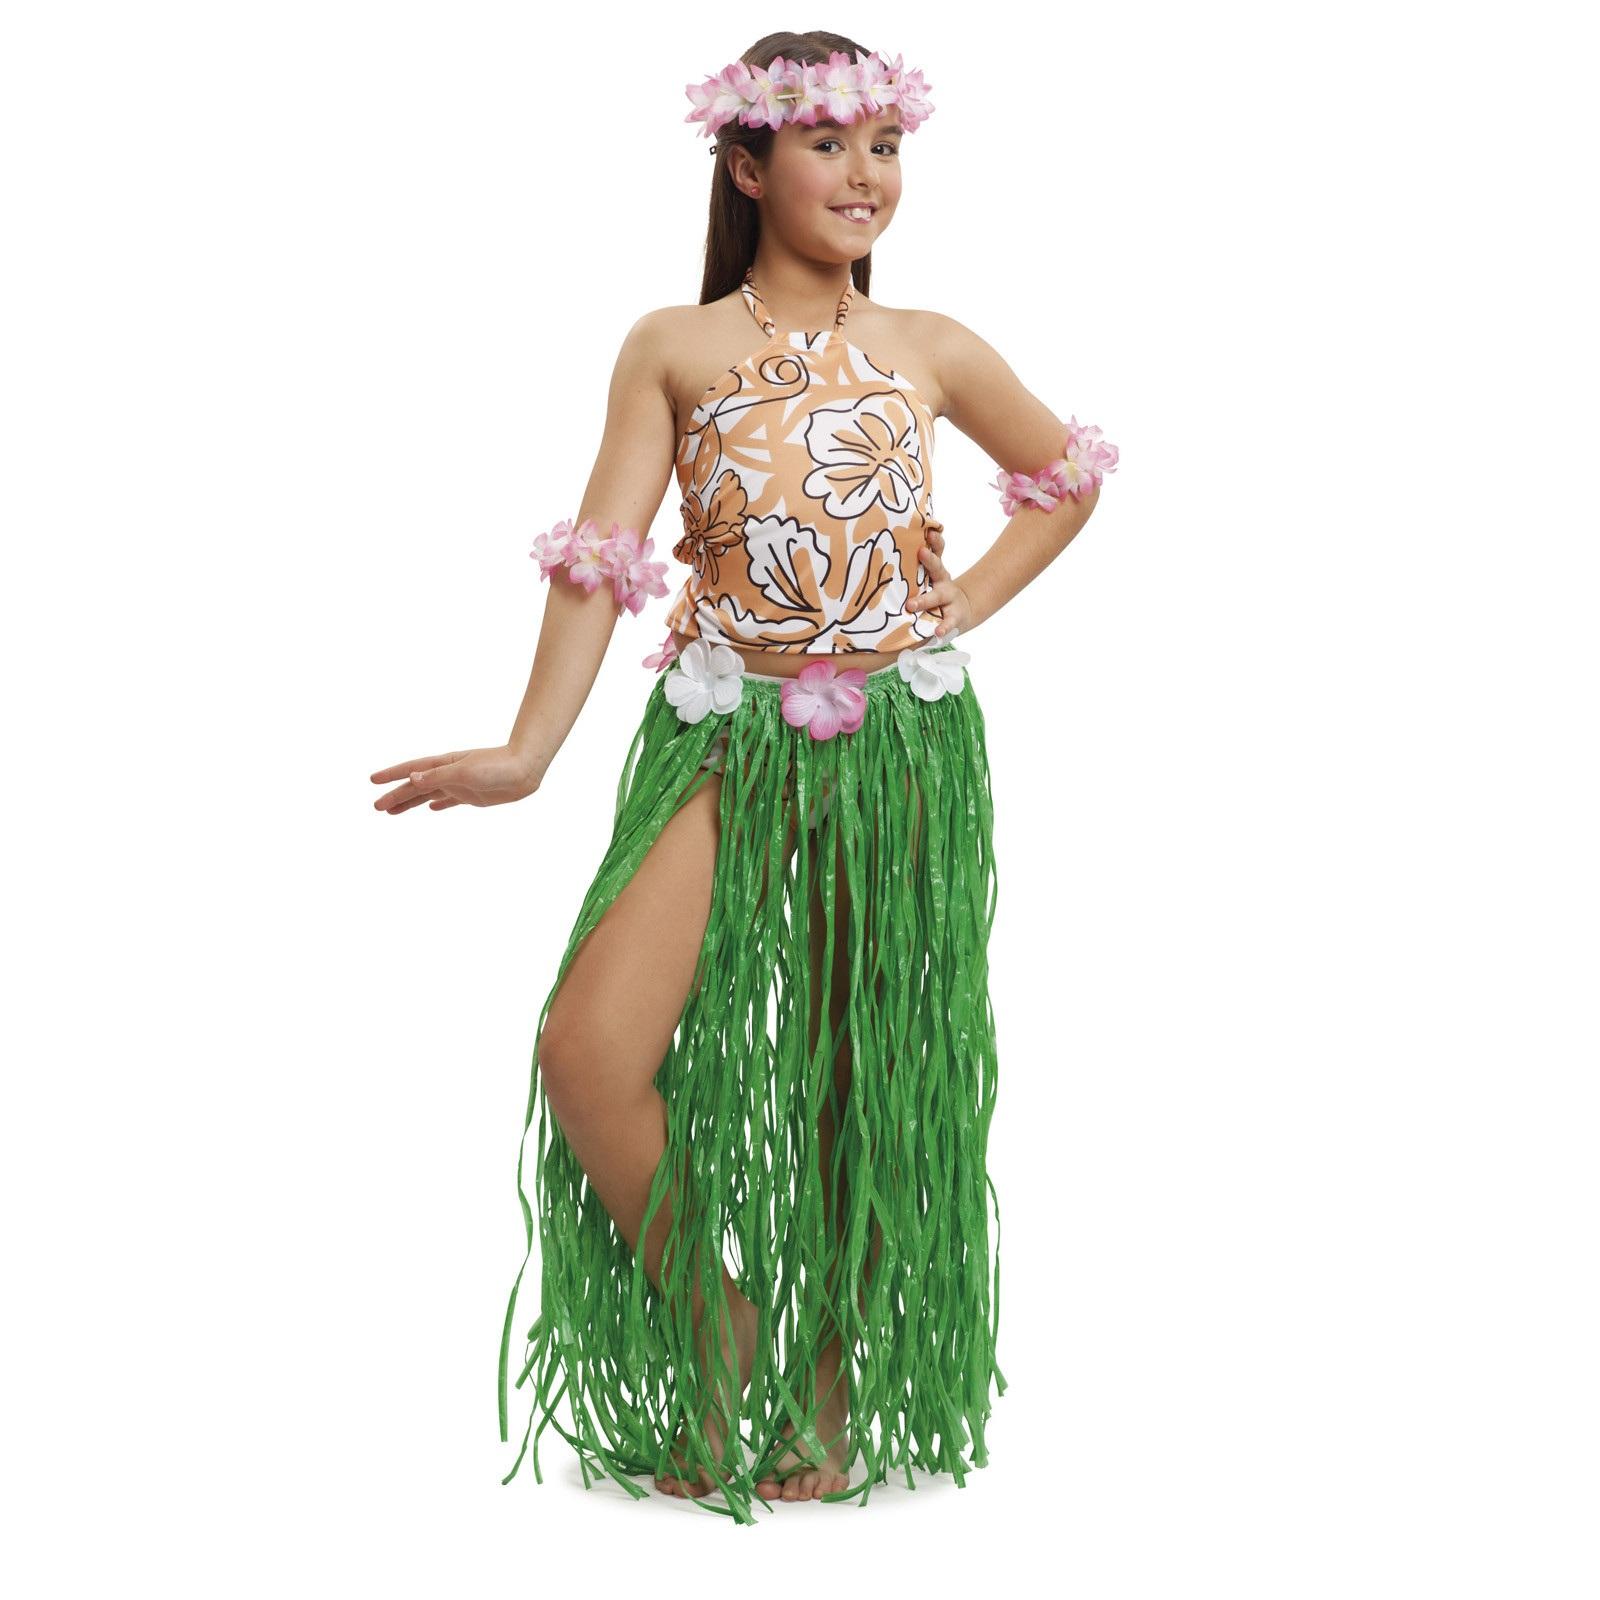 disfraz de hawaiana chic niña 203539mom - DISFRAZ DE HAWAIANA CHIC NIÑA